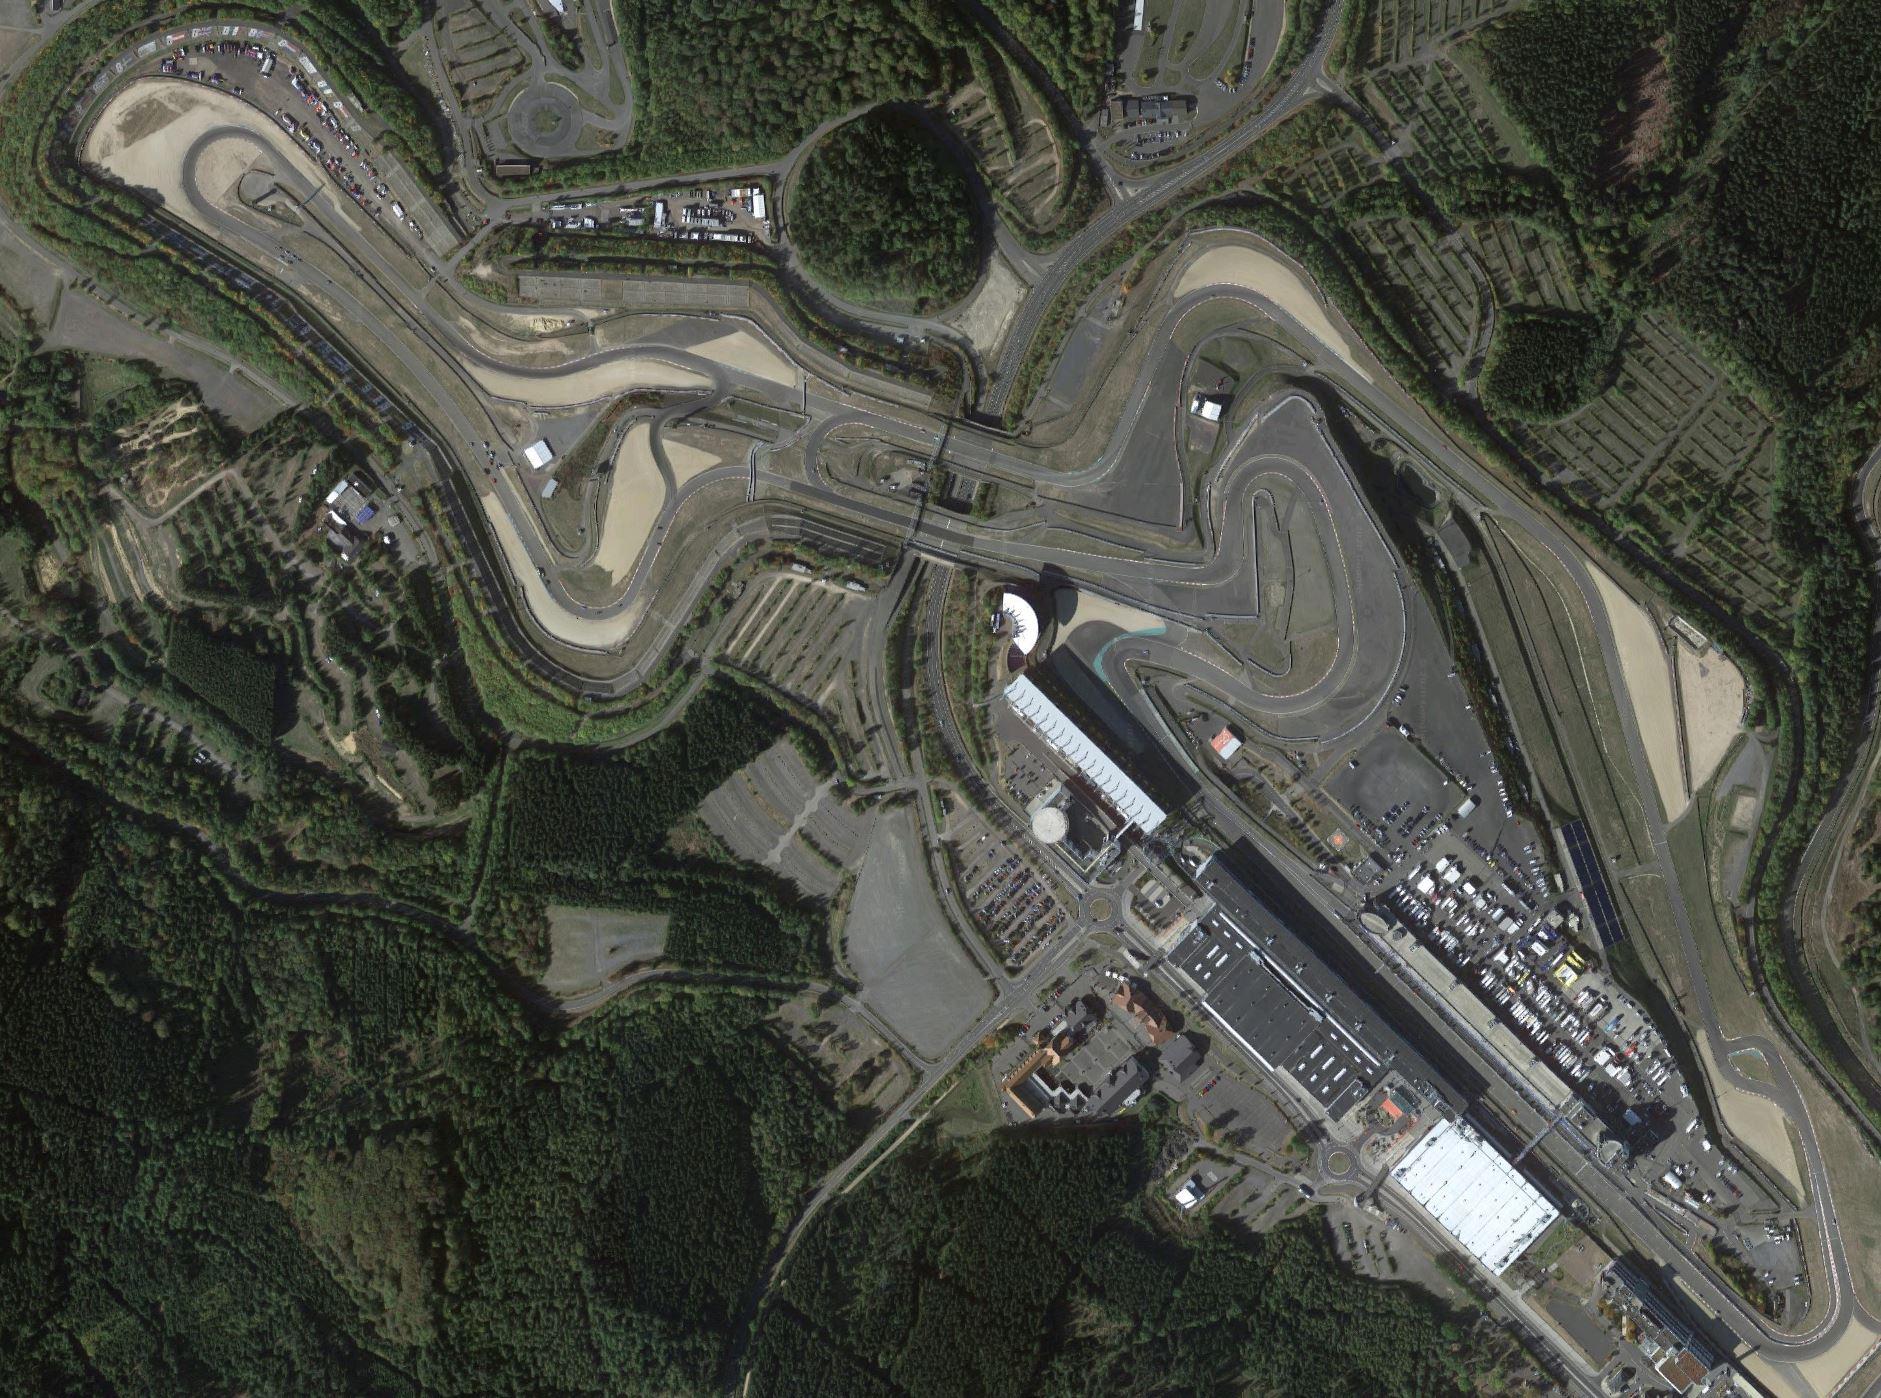 Eifel Grand Prix F1 Wiki Race Details Photos History